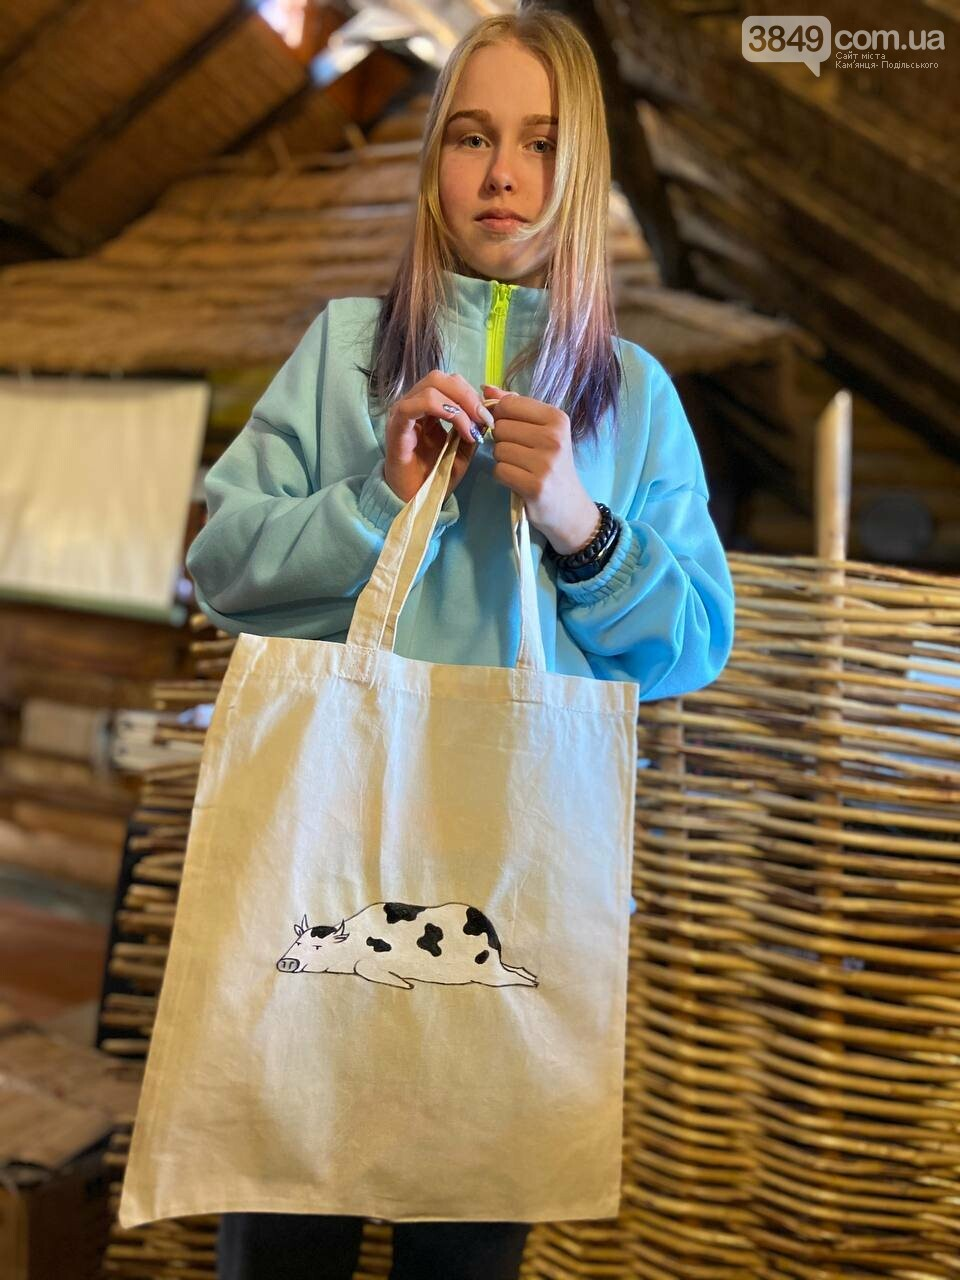 Дитячий табір на зимових канікулах, Табір Фрістайл Карпати